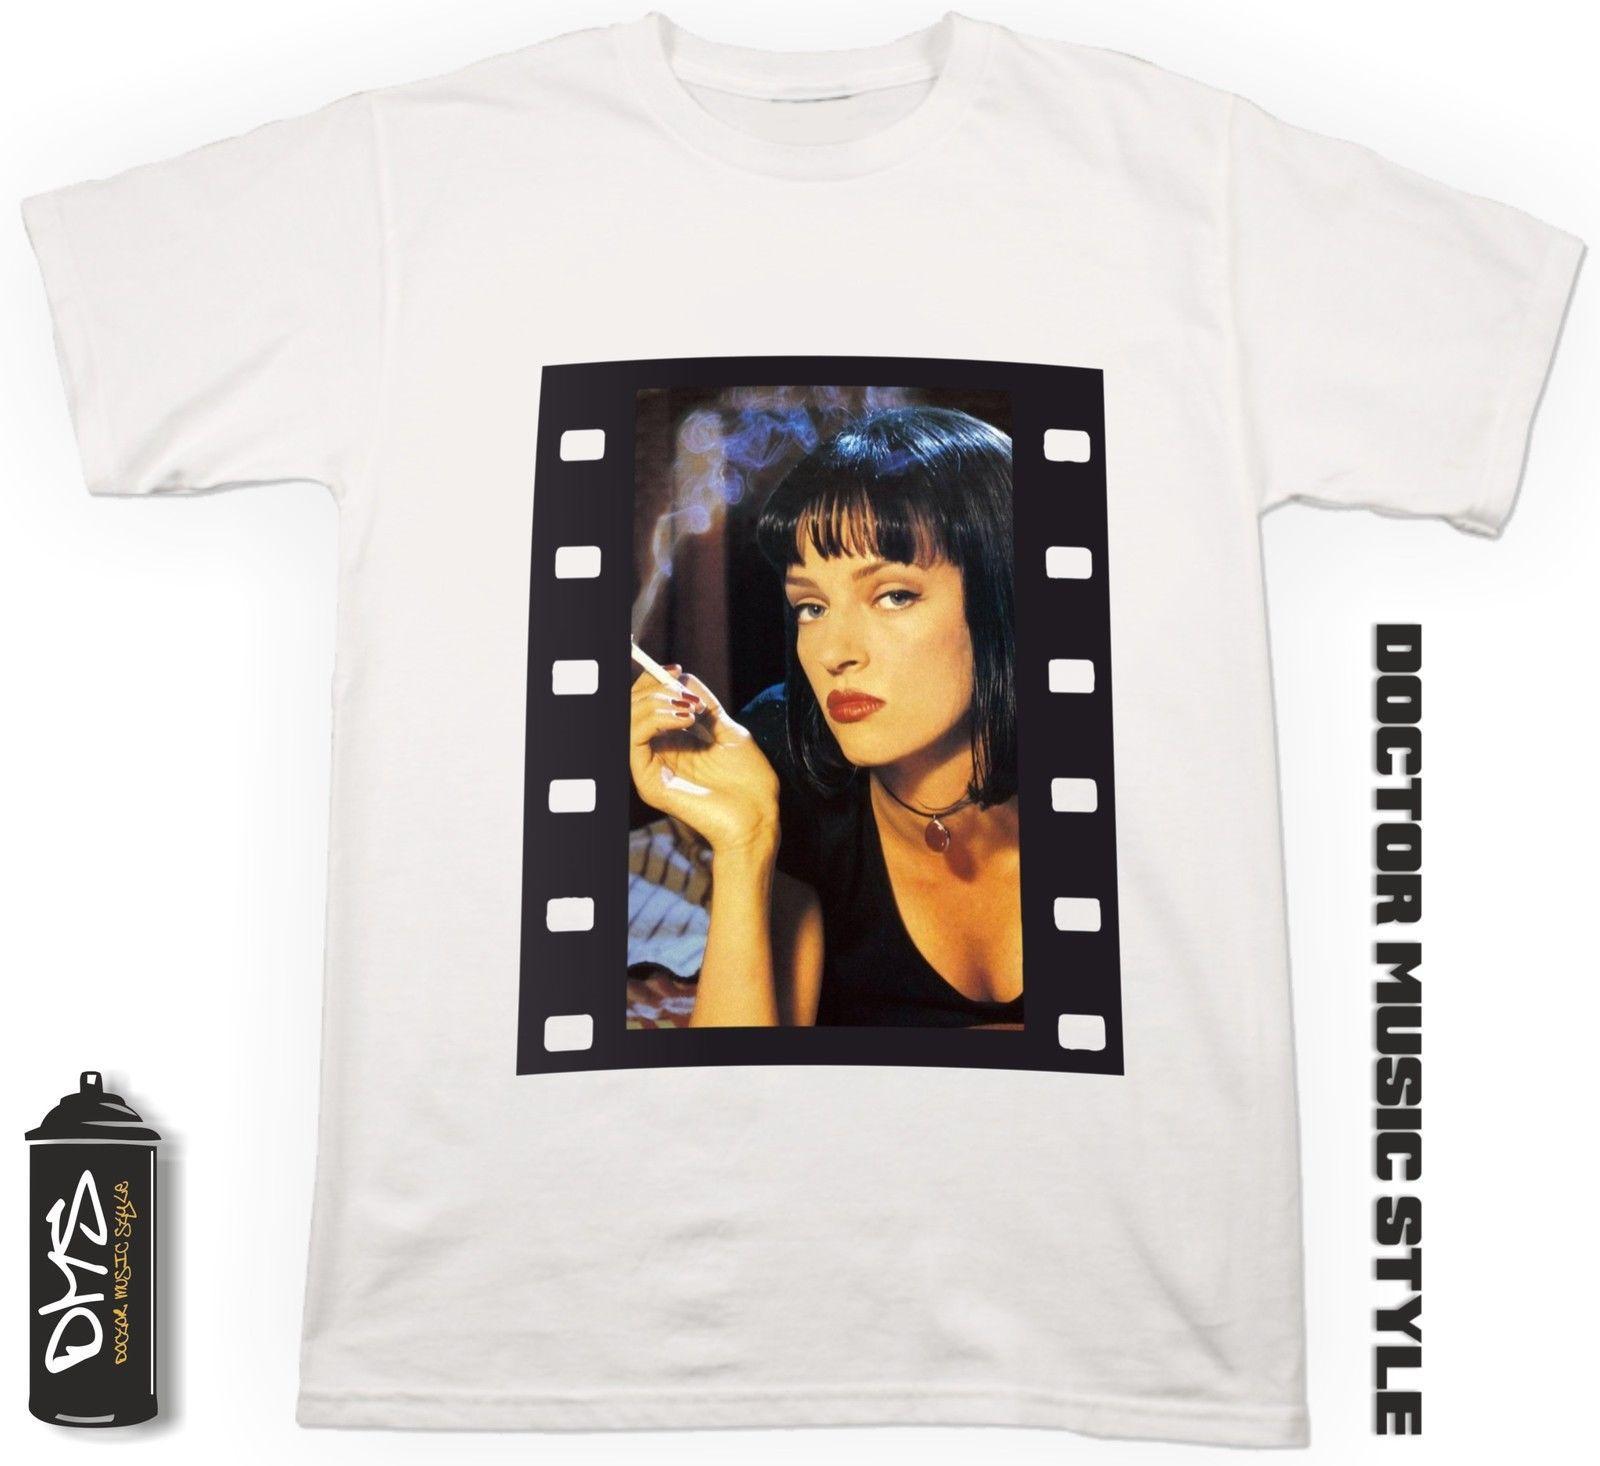 Acquista T Shirt Film Pulp Fiction Con Stampa Personalizzata Maglietta Cinema  Cult Movie A  24.2 Dal Aringstore  5b917527244